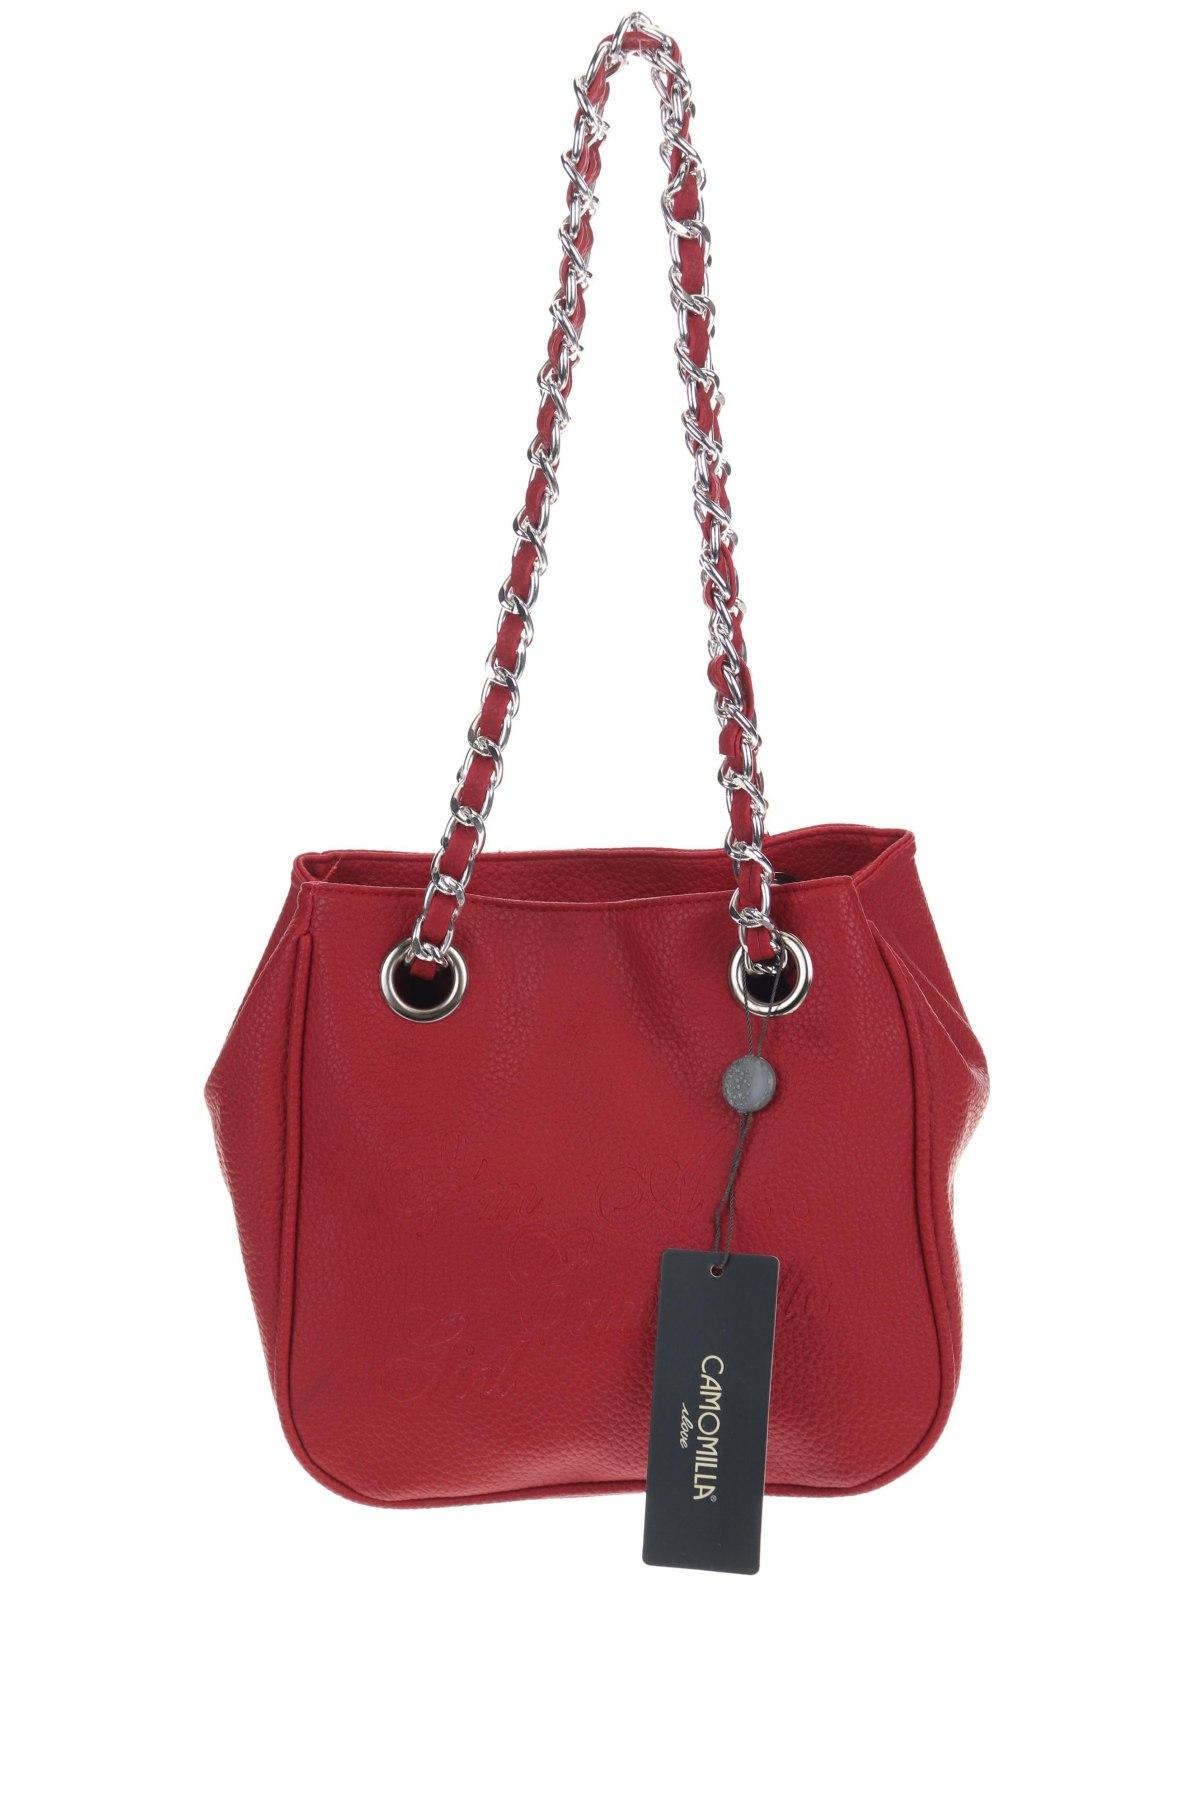 Дамска чанта Camomilla, Цвят Червен, Еко кожа, Цена 51,75лв.